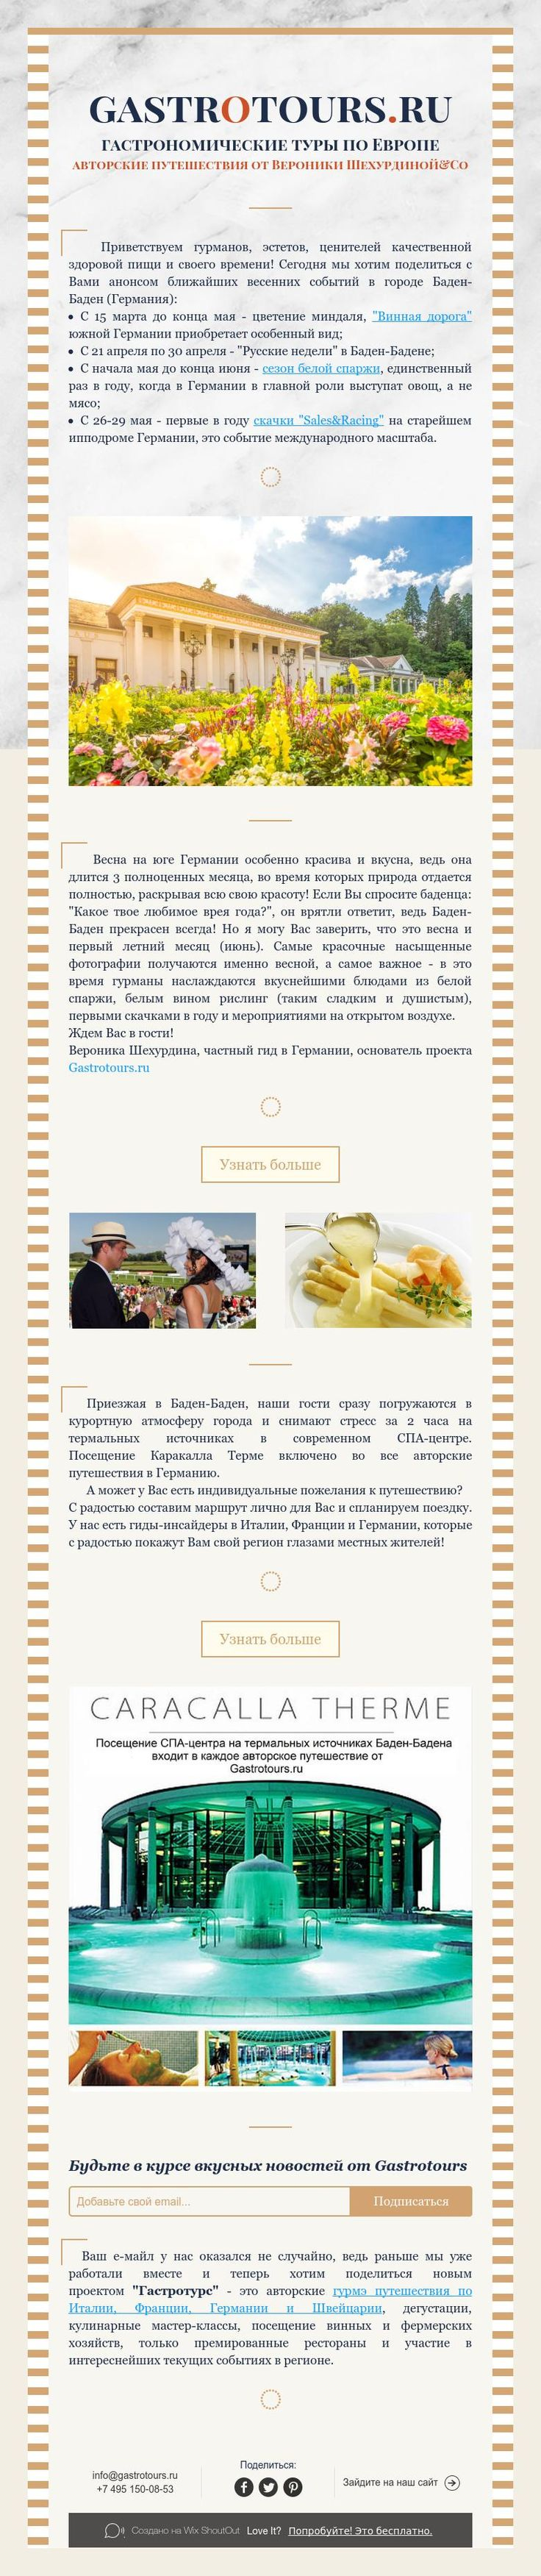 gastrotours.ru  гастрономические туры по Европе  авторские путешествияот Вероники Шехурдиной&Co